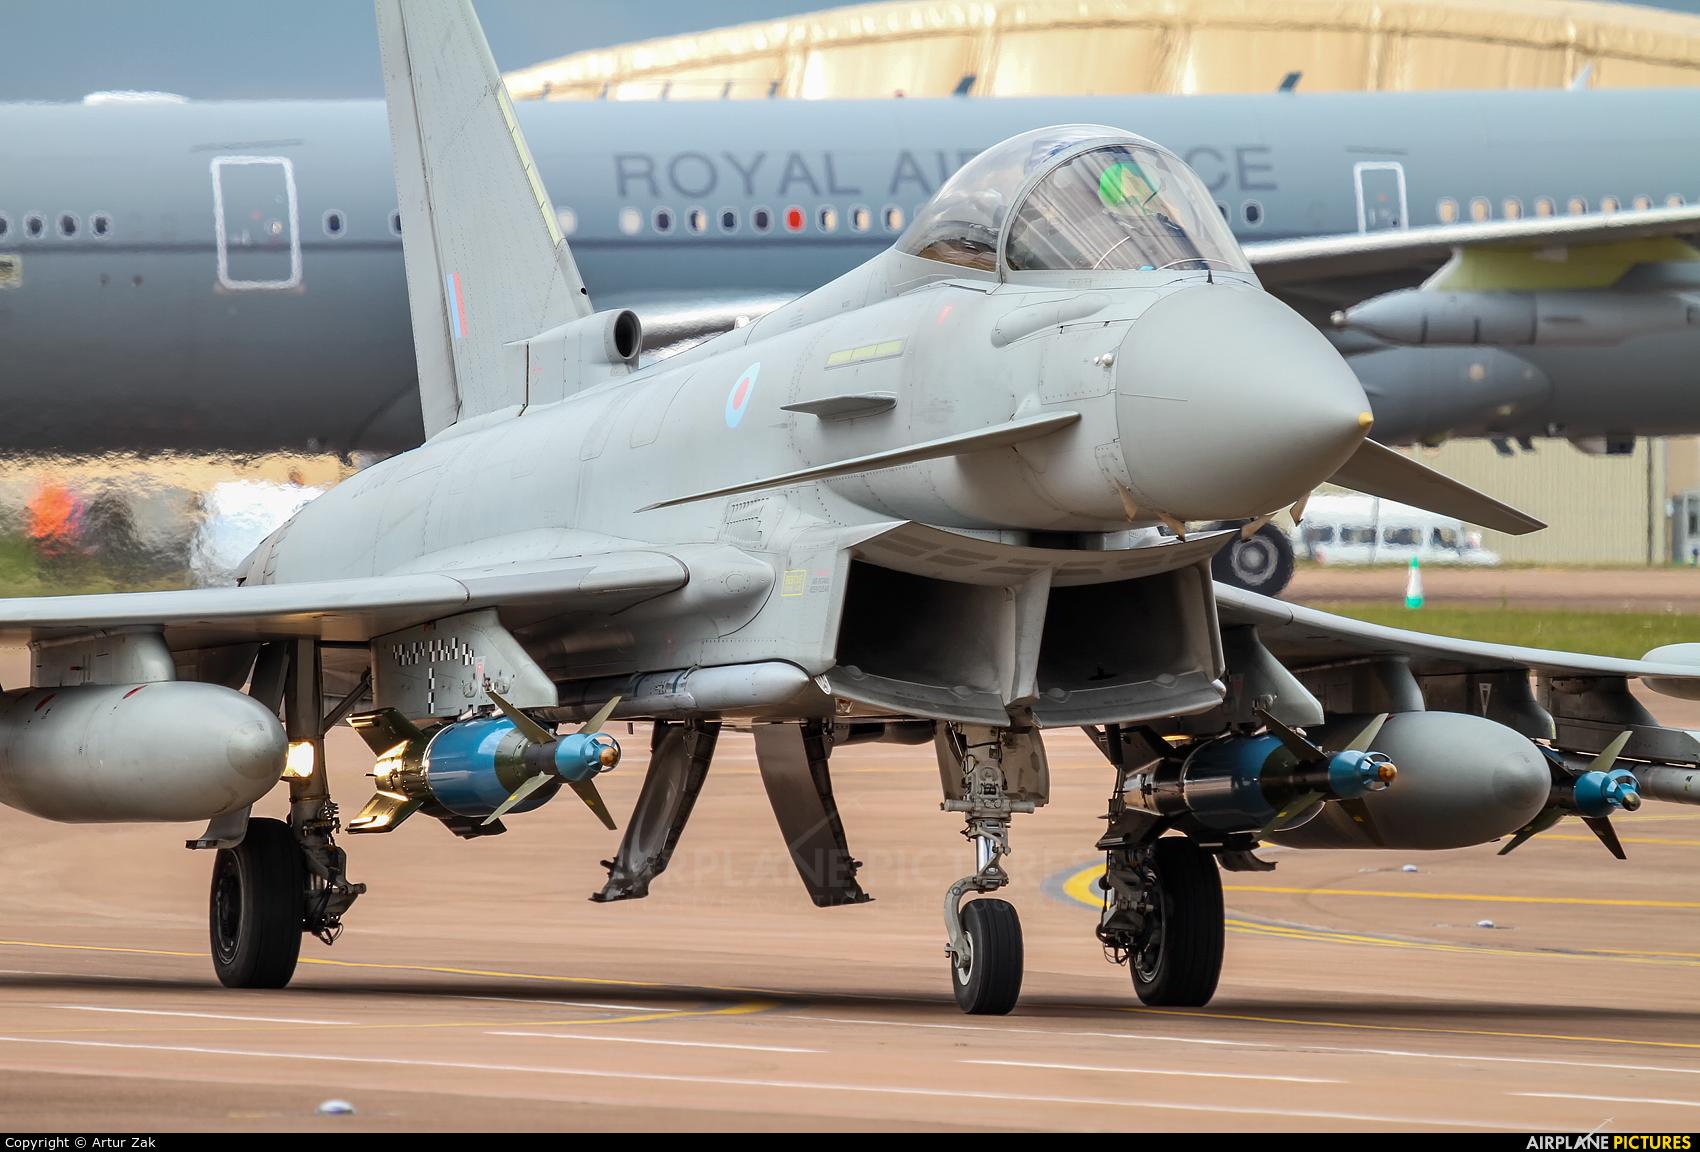 Royal Air Force ZJ700 aircraft at Fairford